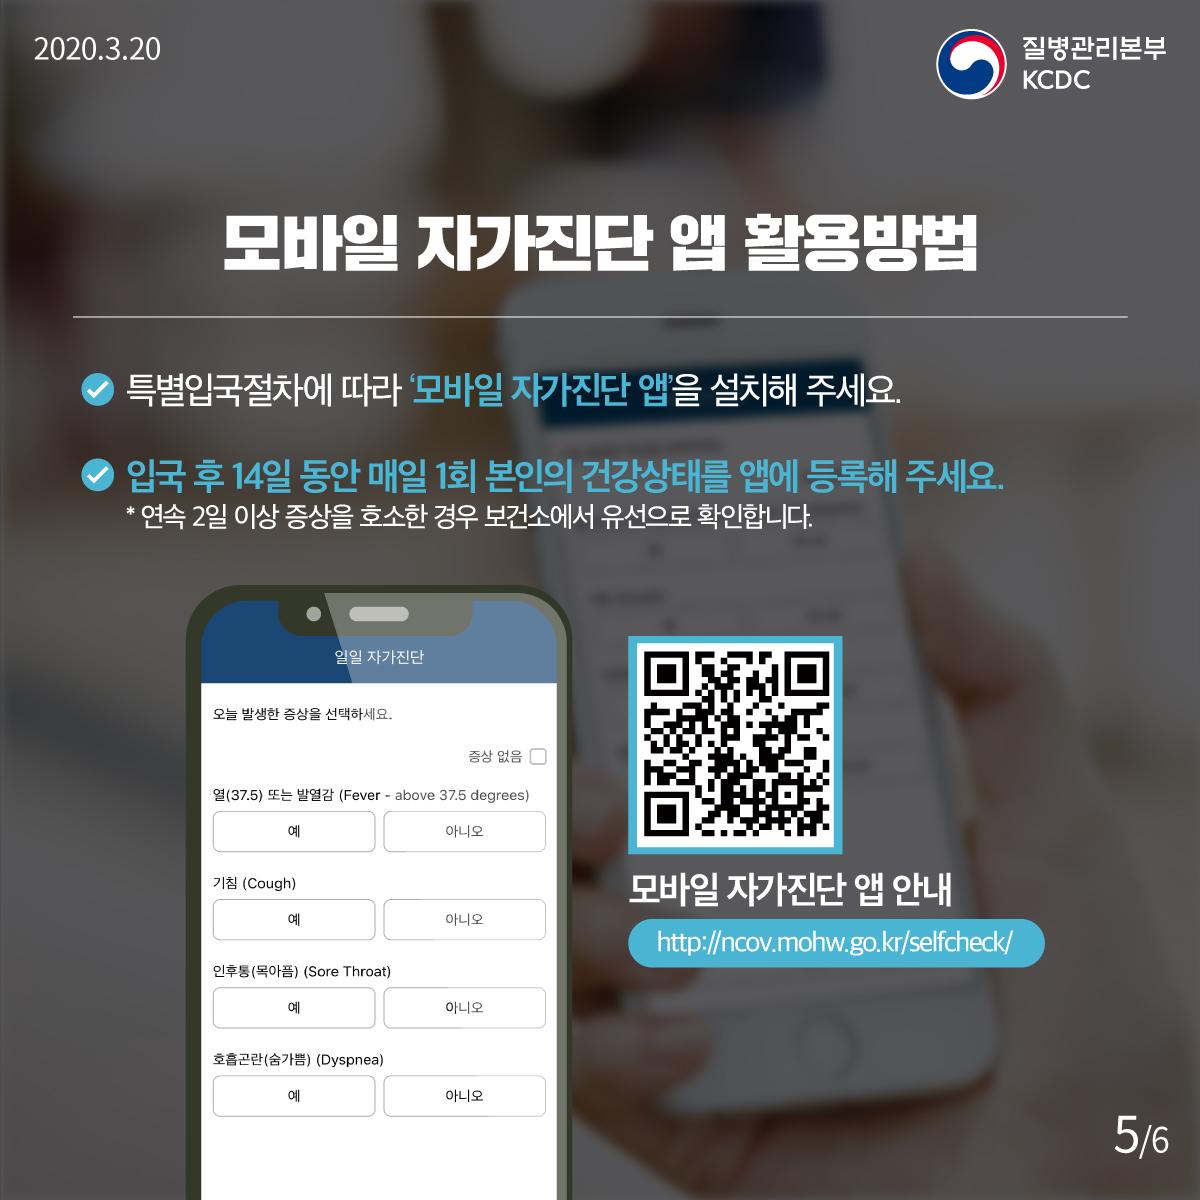 2020.3.20, 질병관리본부 KCDC, 모바일 자가진단 앱 활용방법 : 특별입국절차에 따라 모바일 자가진단 앱을 설치해 주세요. 입국 후 14일 동안 매일 1회 본인의 건강상태를 앱에 등록해 주세요. * 연속 2일 이상 증상을 호소한 경우 보건소에서 유선으로 확인합니다. 모바일 자가진단 앱 안내 http://ncov.mohw.go.kr/selfcheck/